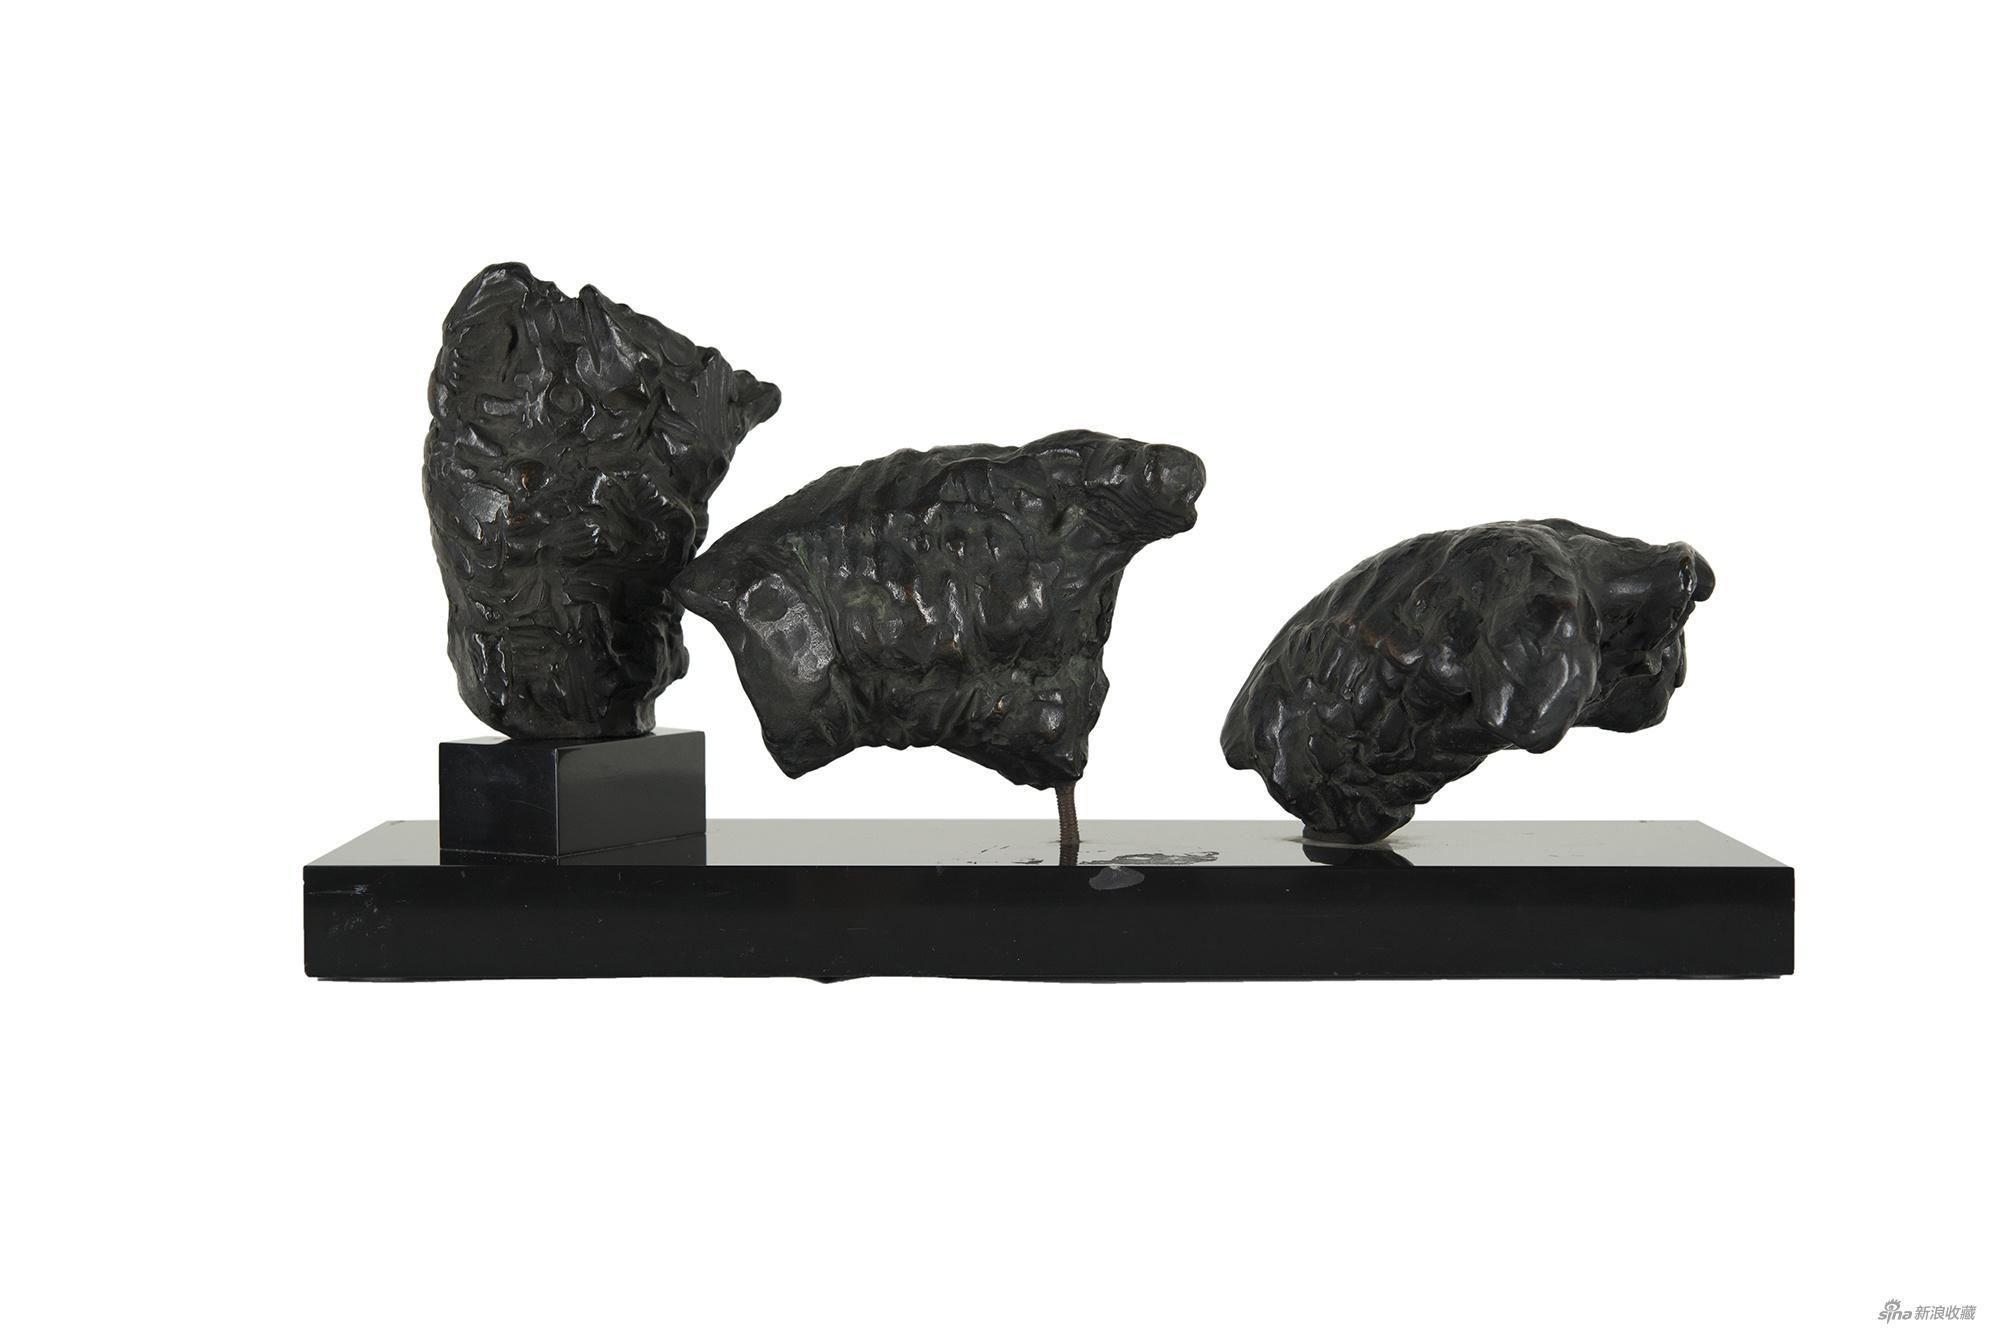 倒下去的人,雷蒙·马松,青铜雕塑,19.5×39.6×15cm,1963年